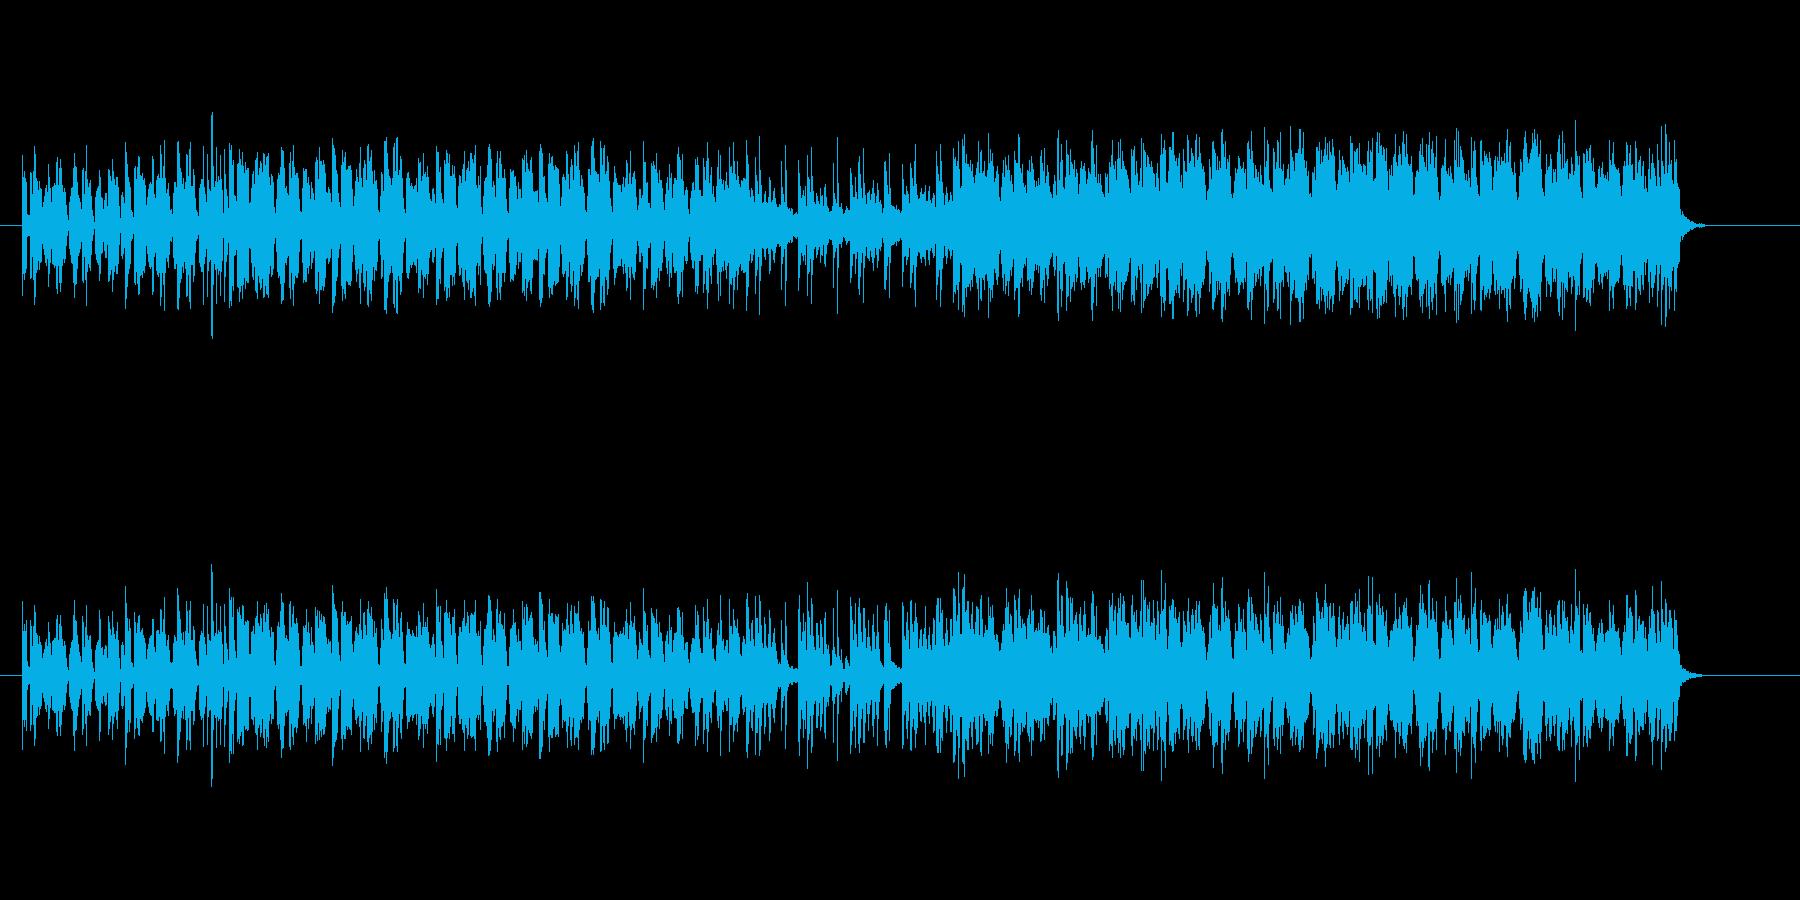 ユーモラスでおぼえやすい明るいメロディーの再生済みの波形